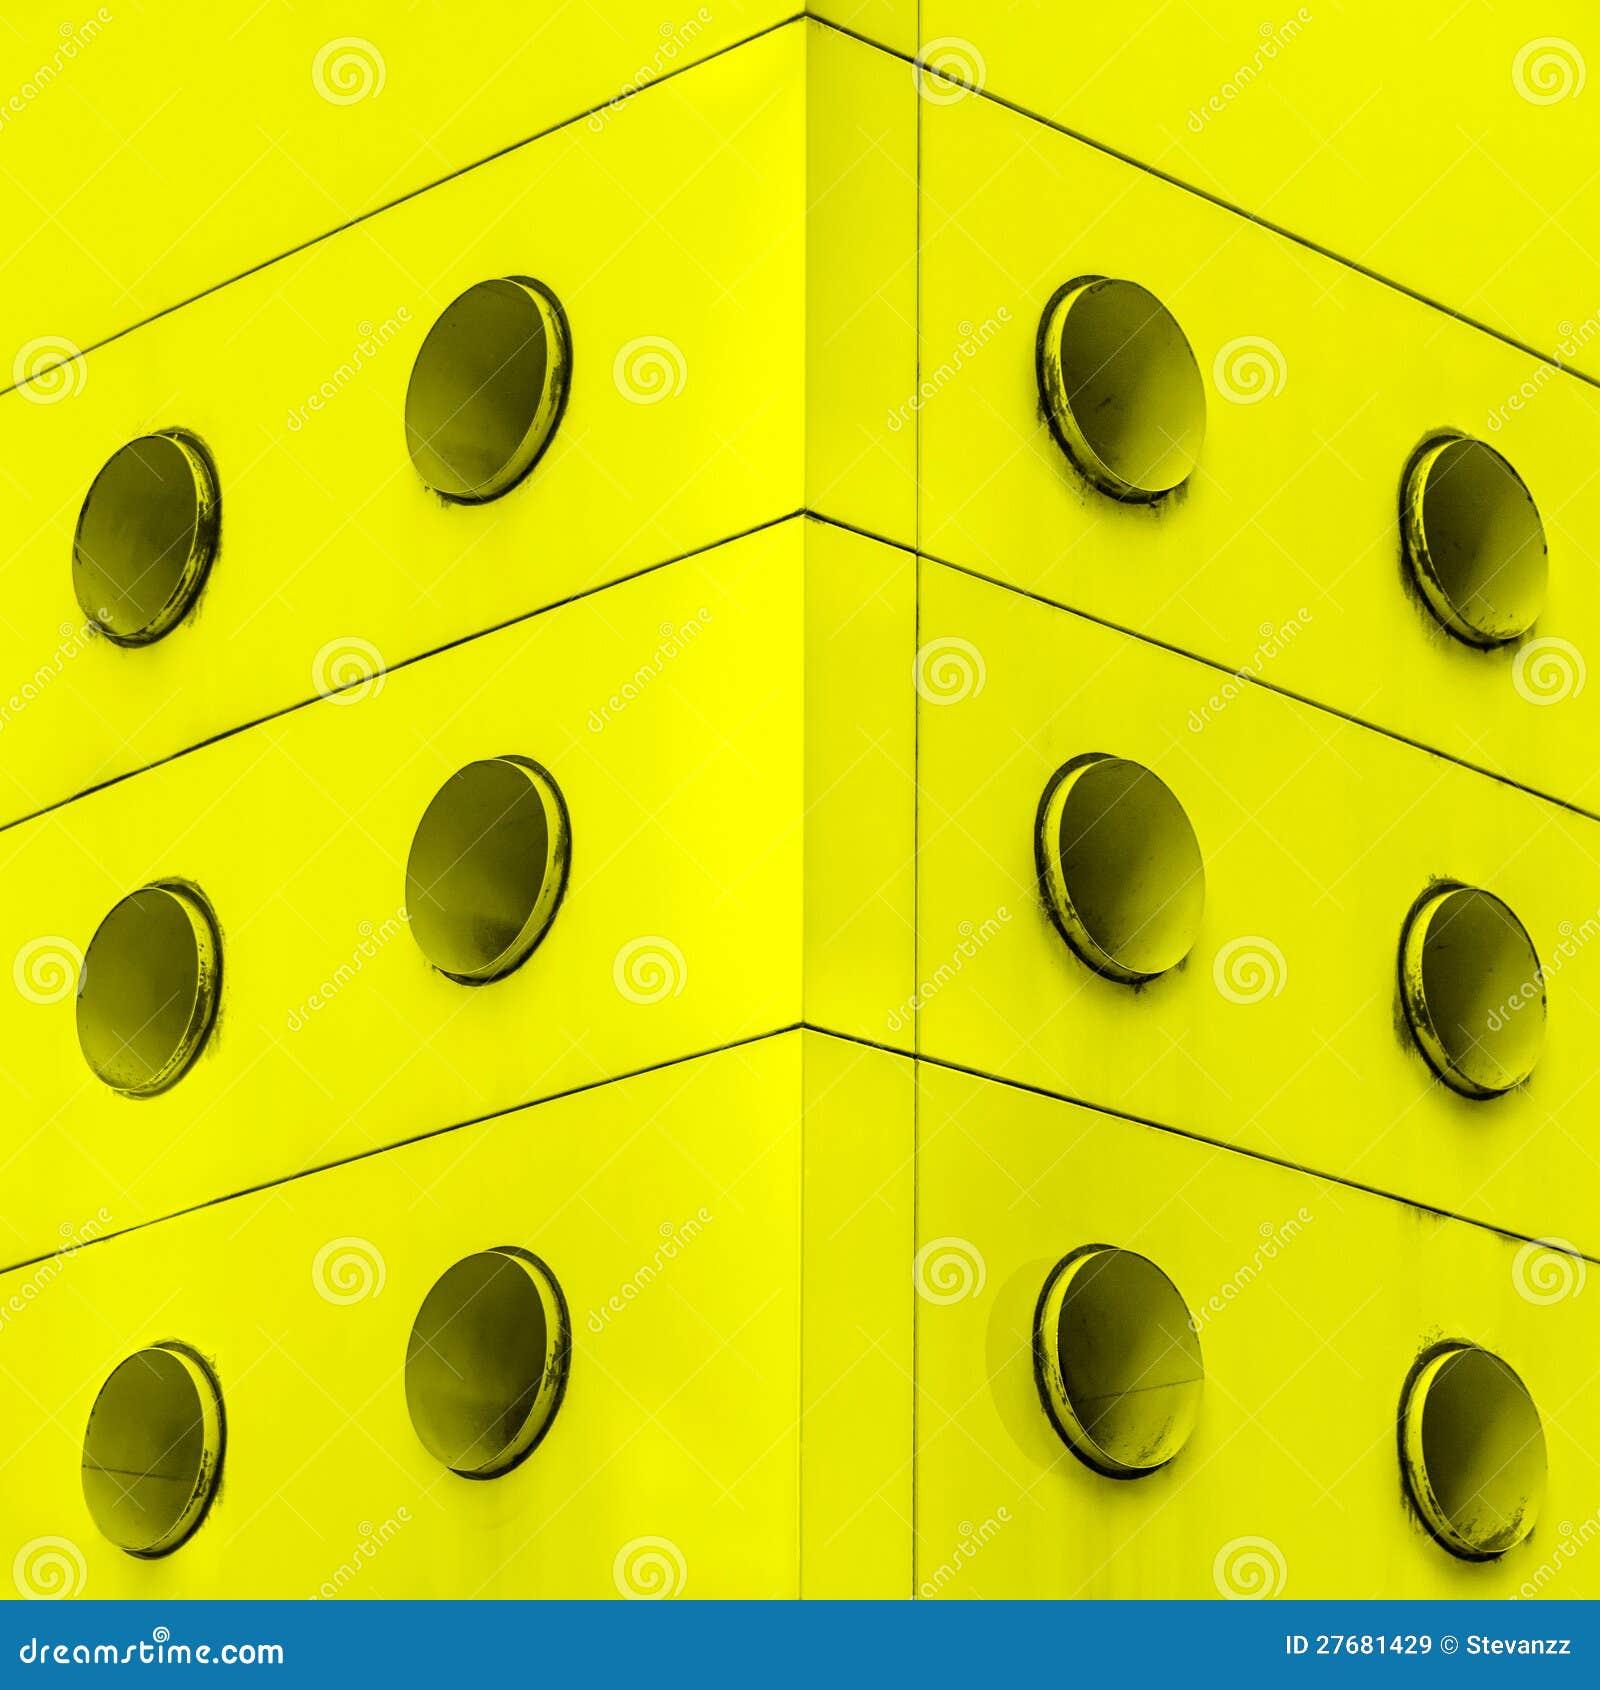 Respiraderos interiores amarillos de la suciedad del extracto de la configuración.